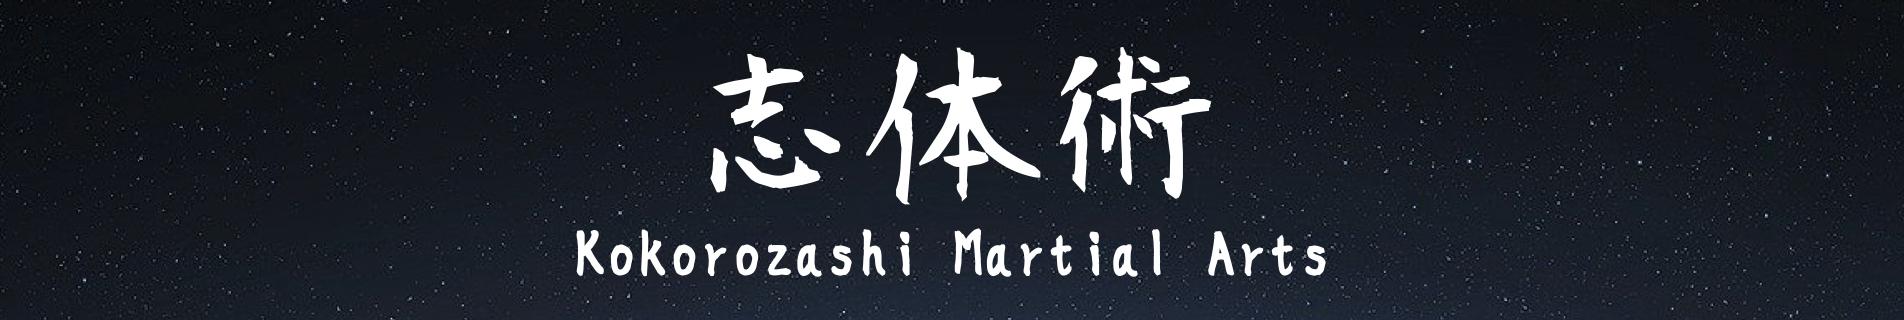 志体術(kokorozashi martial arts)